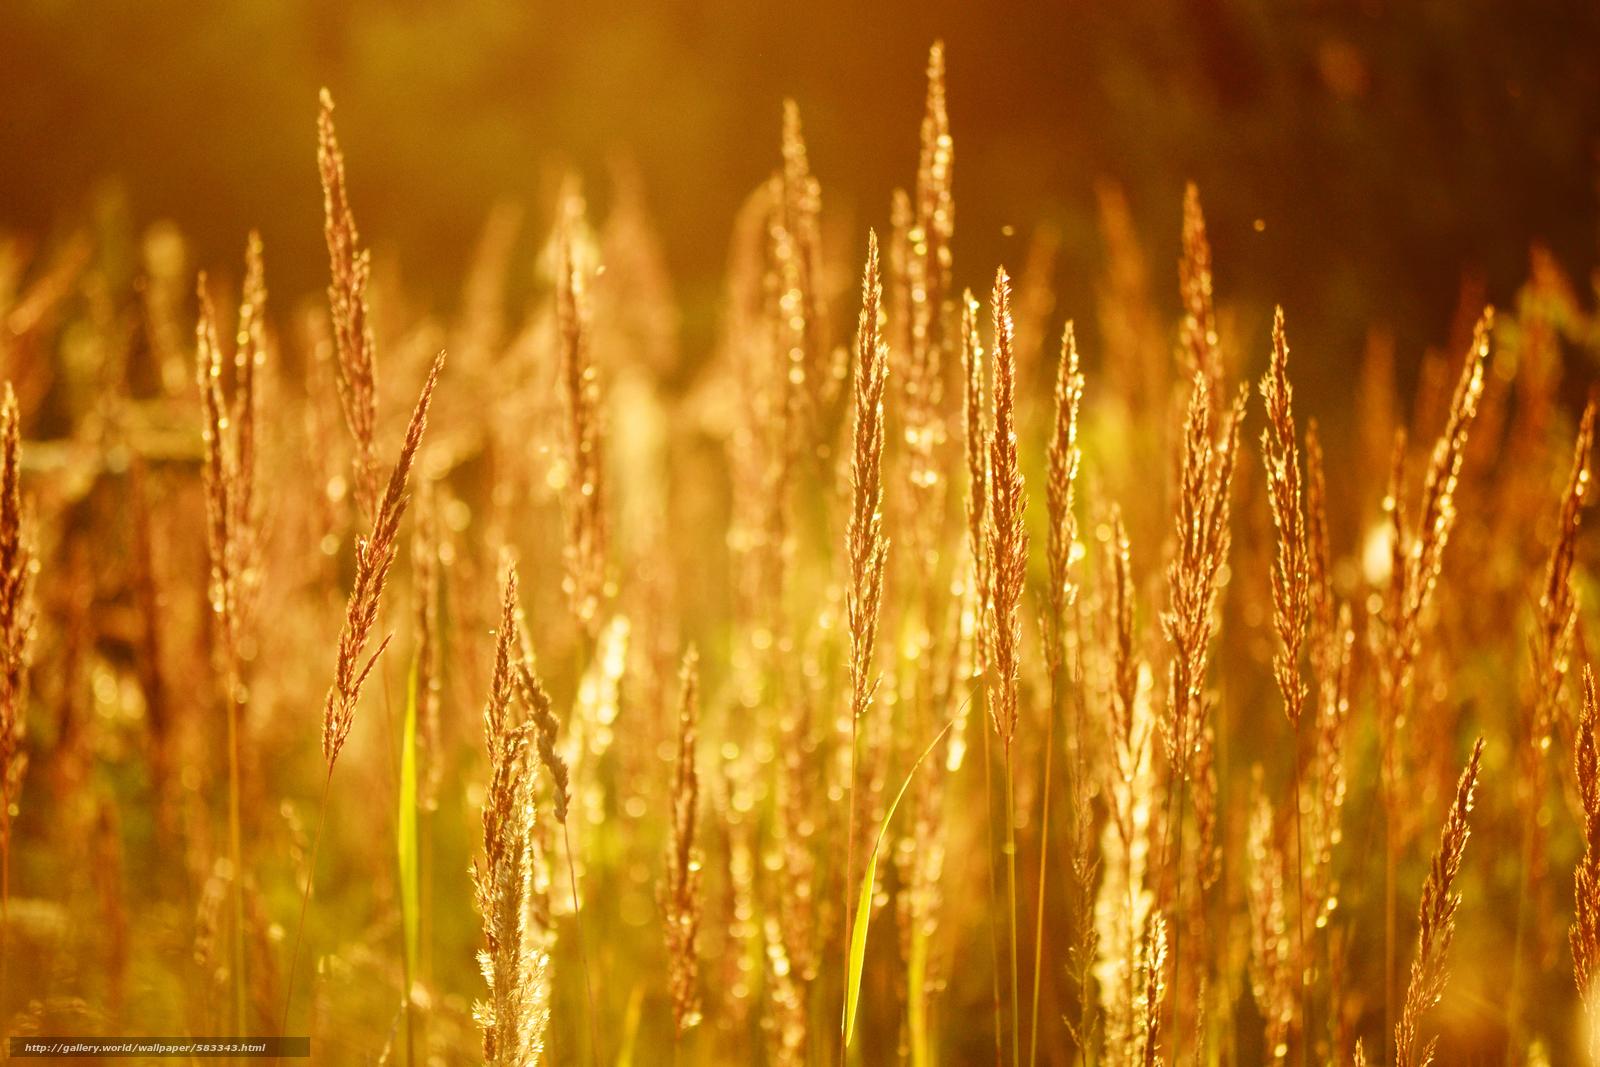 壁紙をダウンロード 自然,  太陽,  夏,  トウモロコシの穂 デスクトップの解像度のための無料壁紙 4608x3072 — 絵 №583343